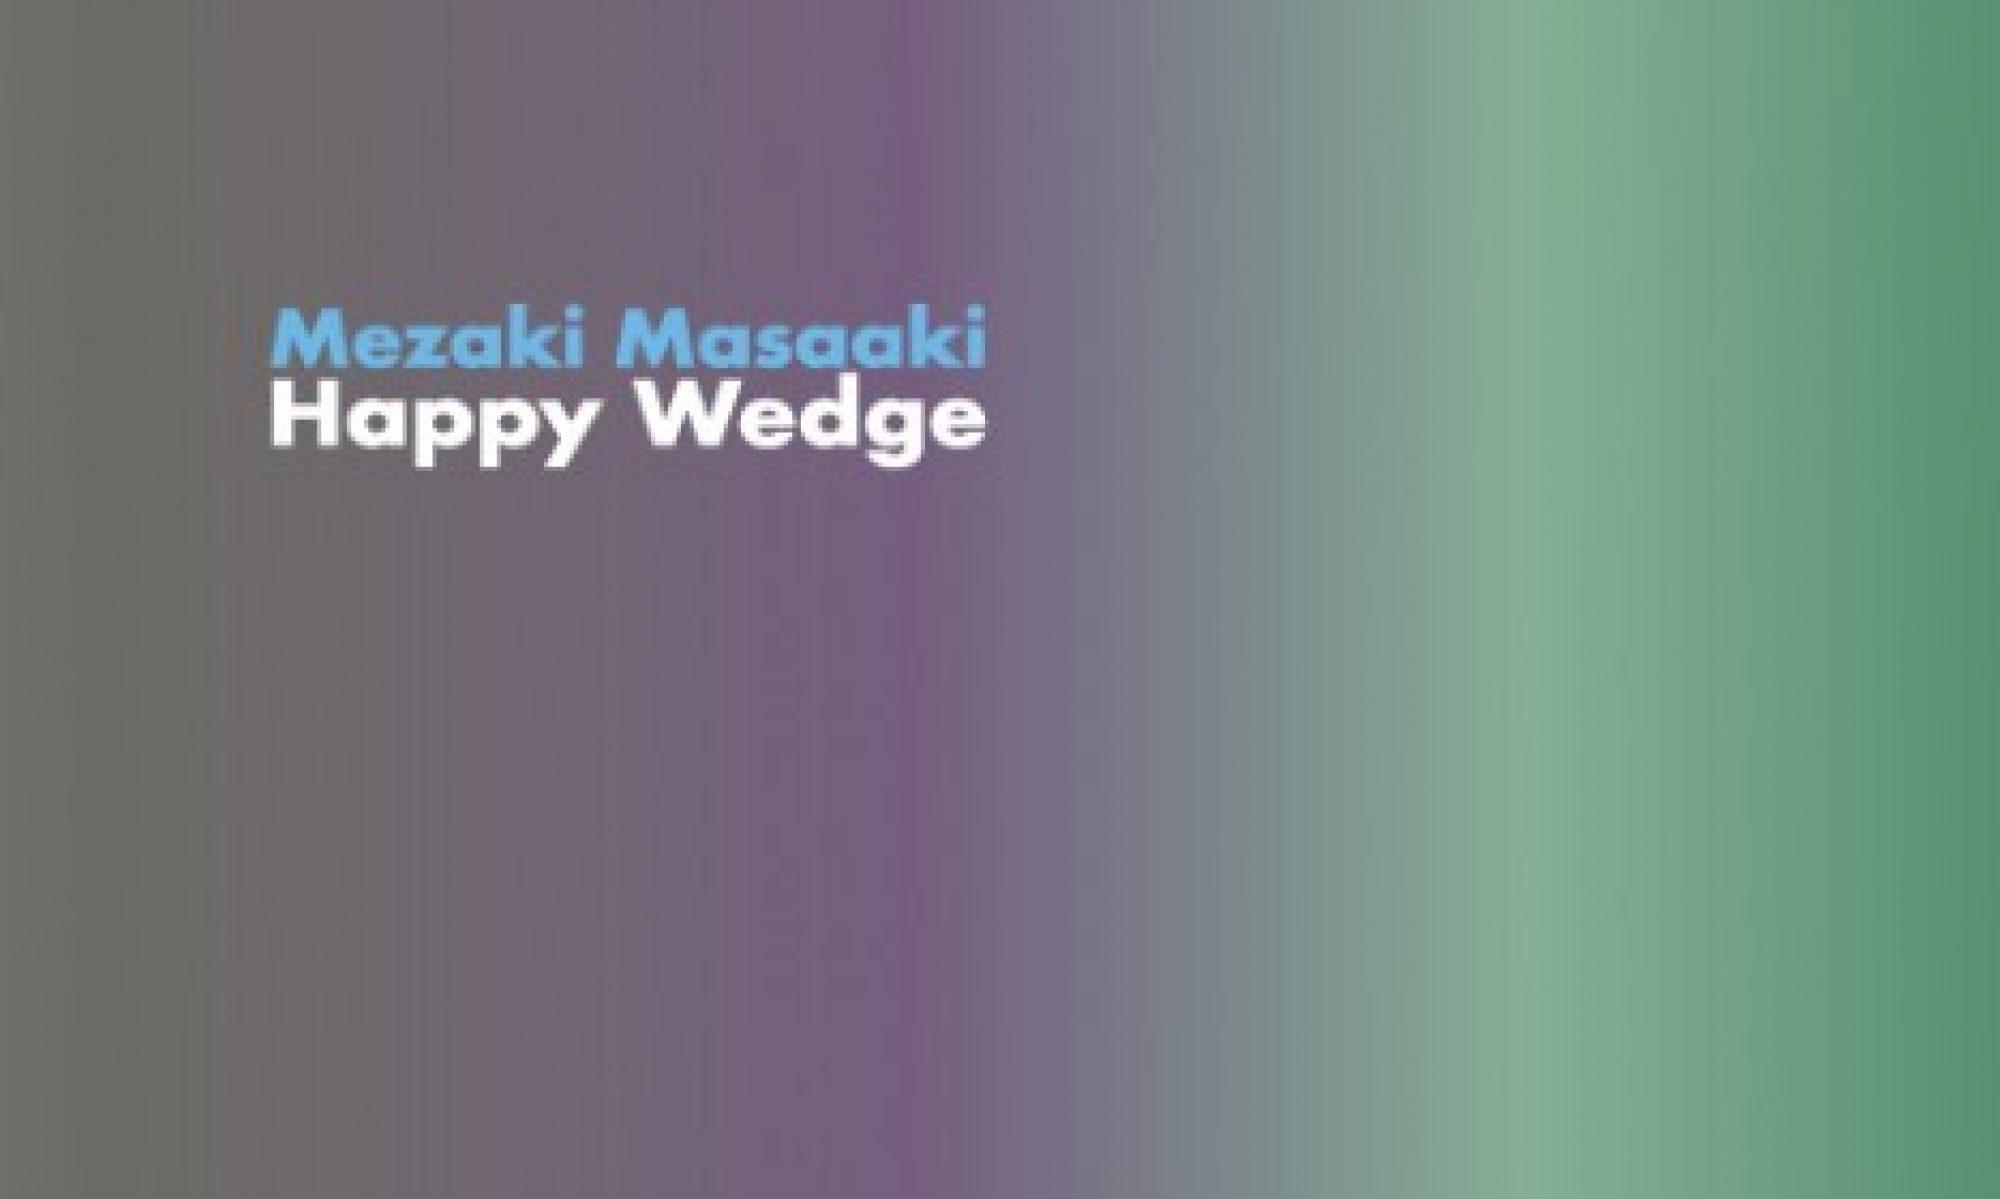 目﨑雅昭HappyWedge